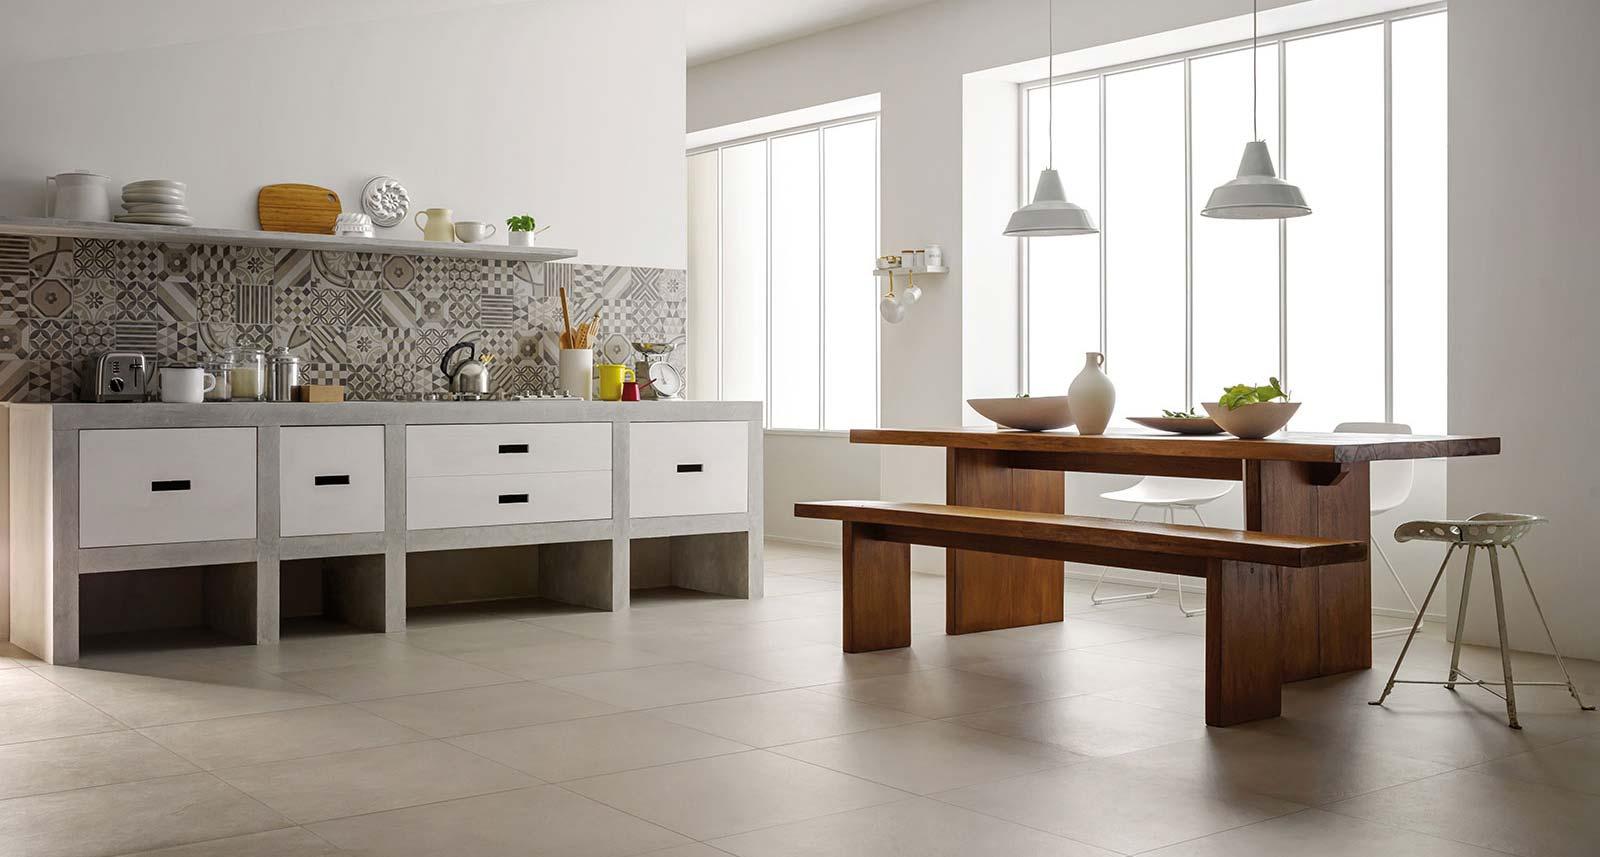 Piastrelle cucina piastrelle cucina come scegliere i